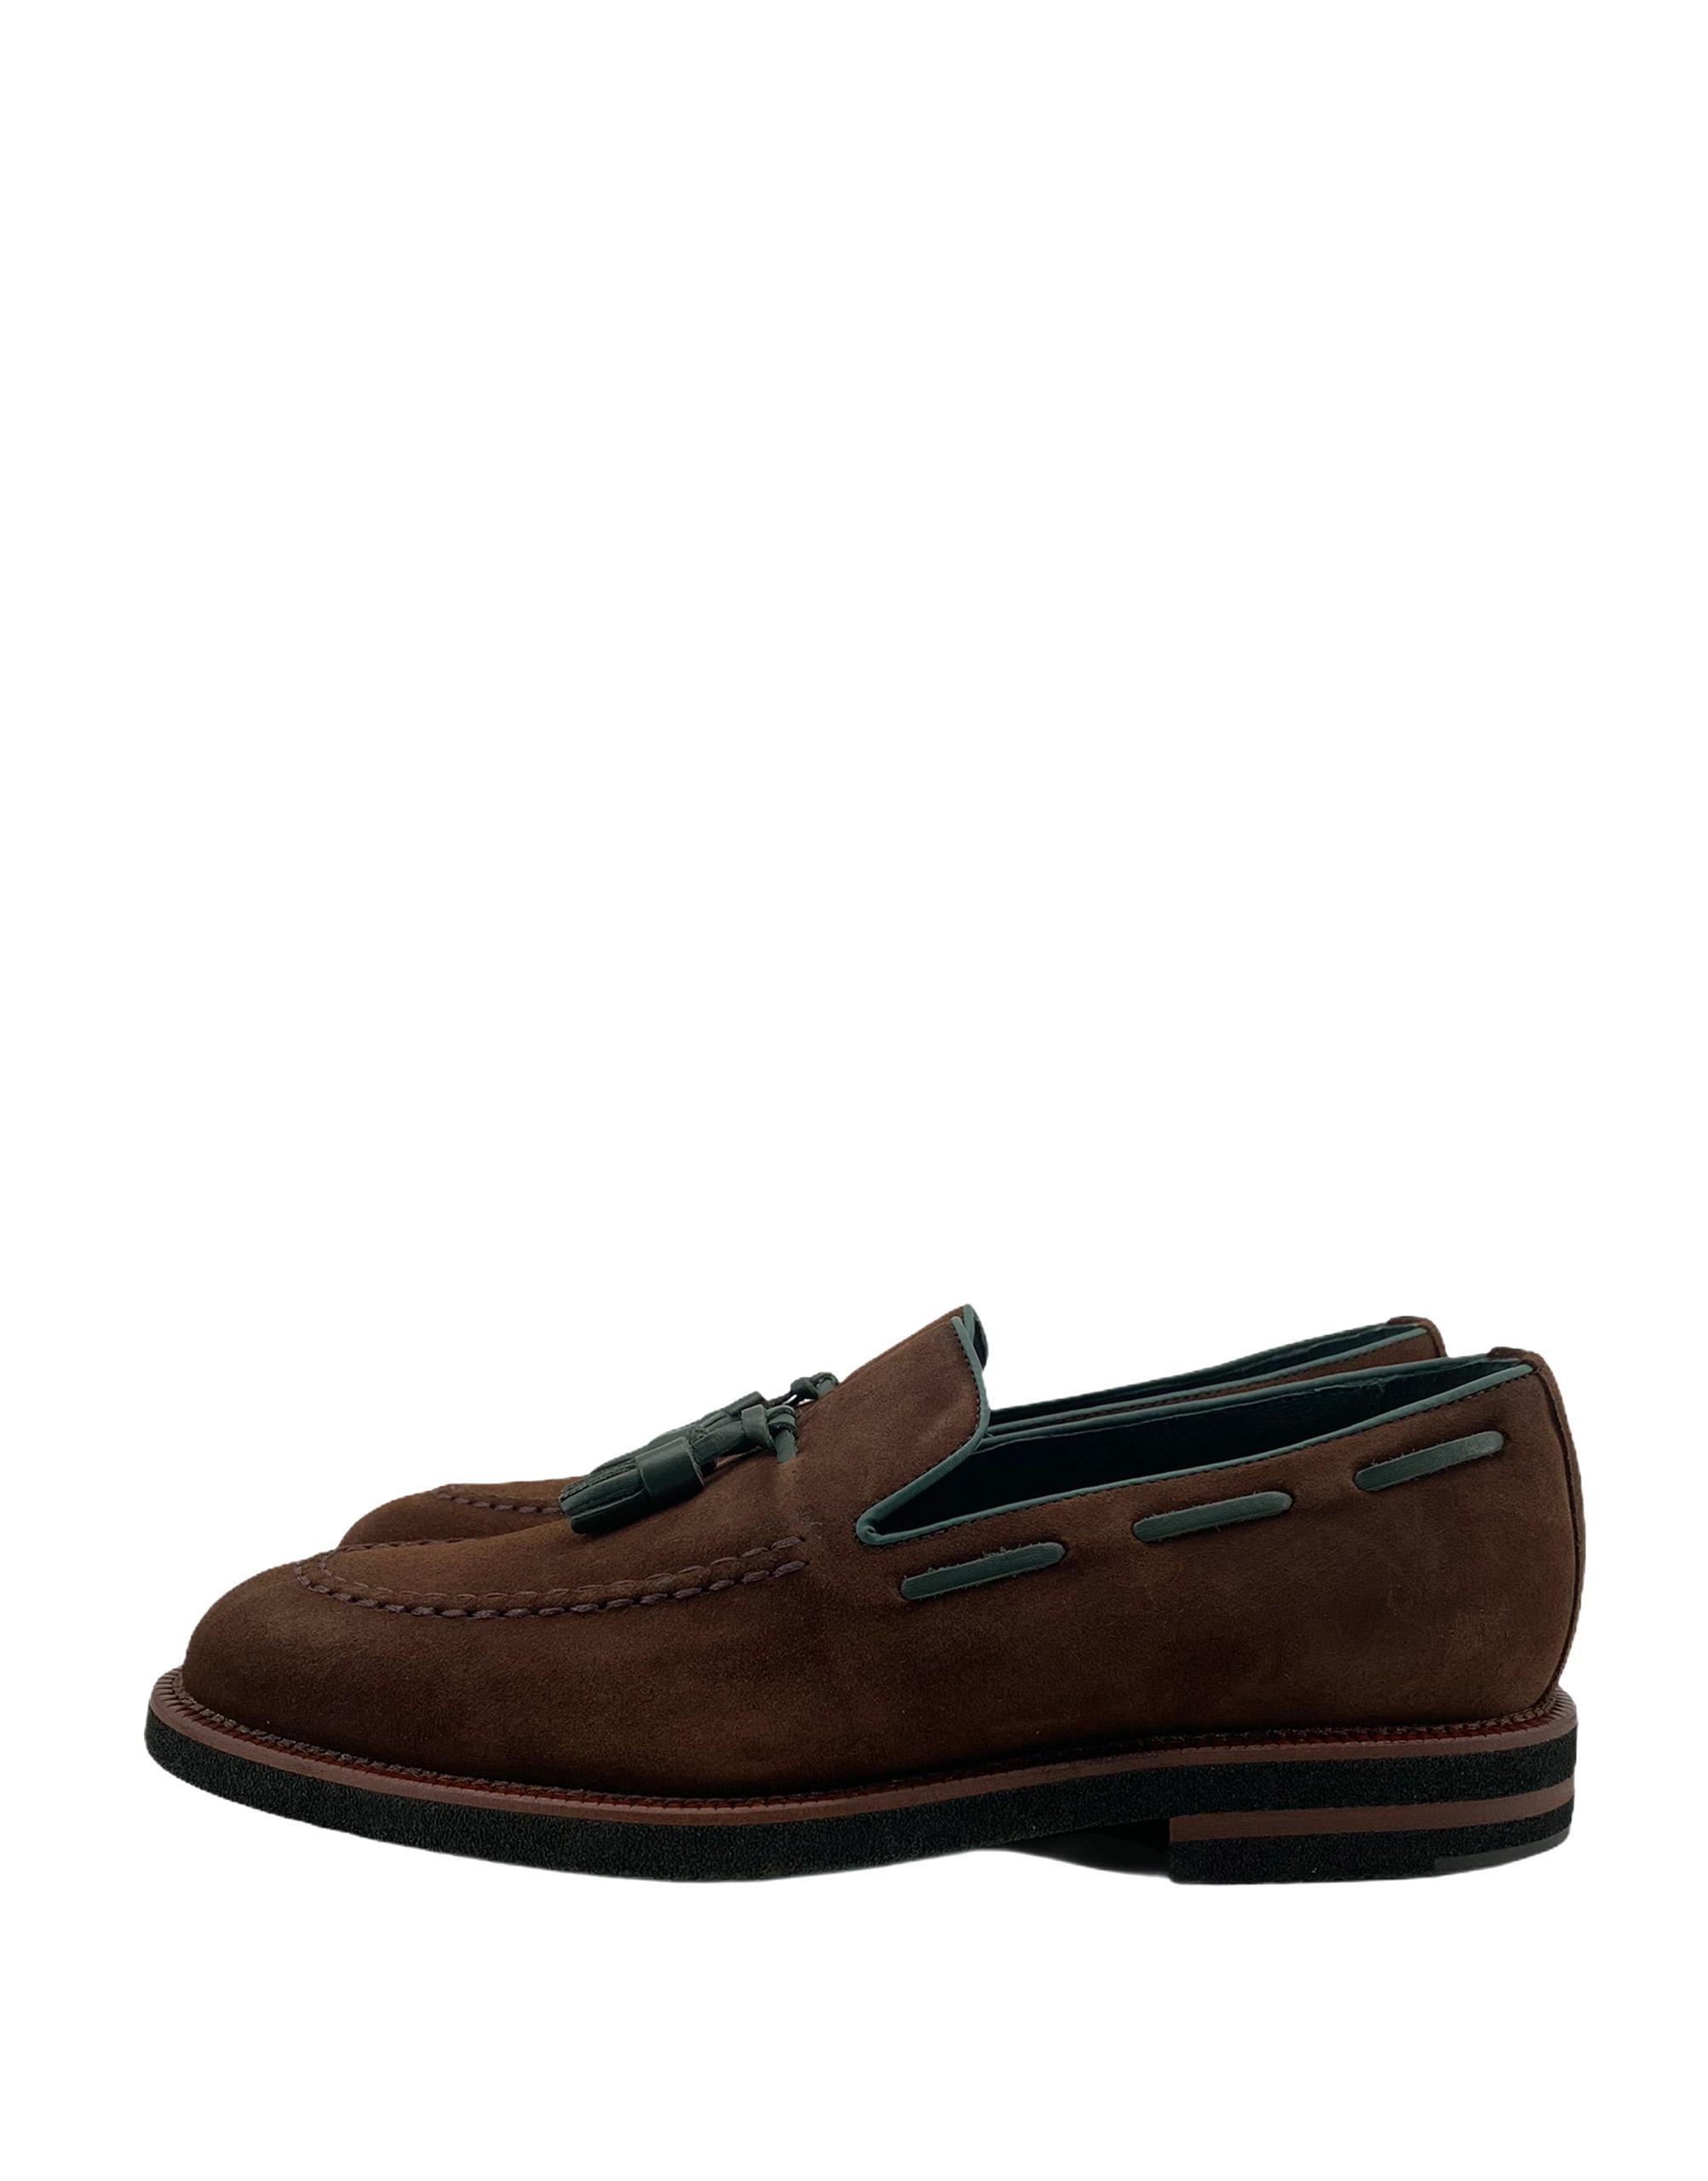 zapatos piel buona fortuna zapatos exclusivos comprar online moda italiana shop marron oscuro verde mocasin serraje